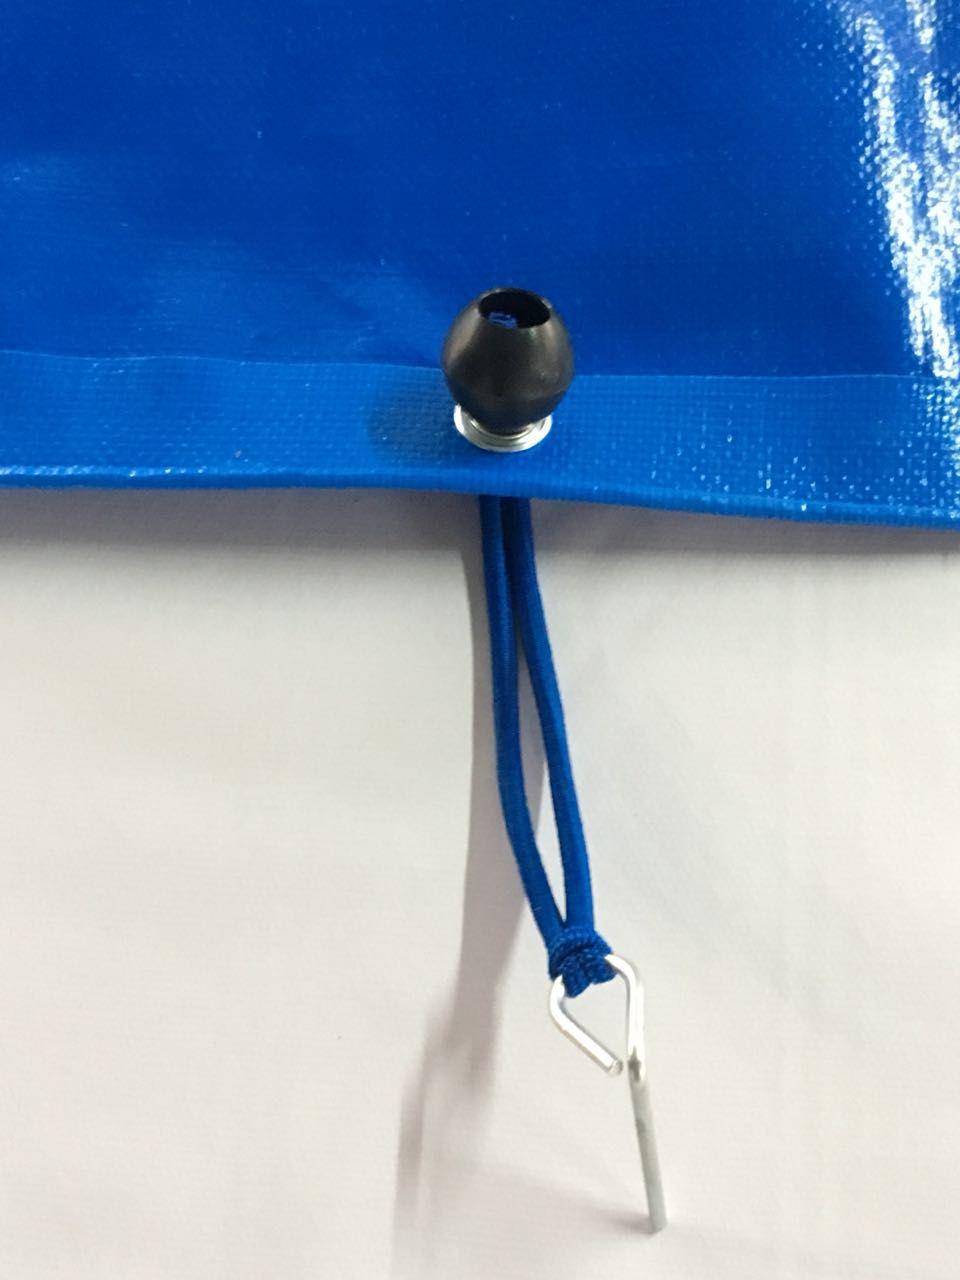 Capa para Piscina SL 300 Azul Completa com Acessórios Pinos e Extensores 4x3 m